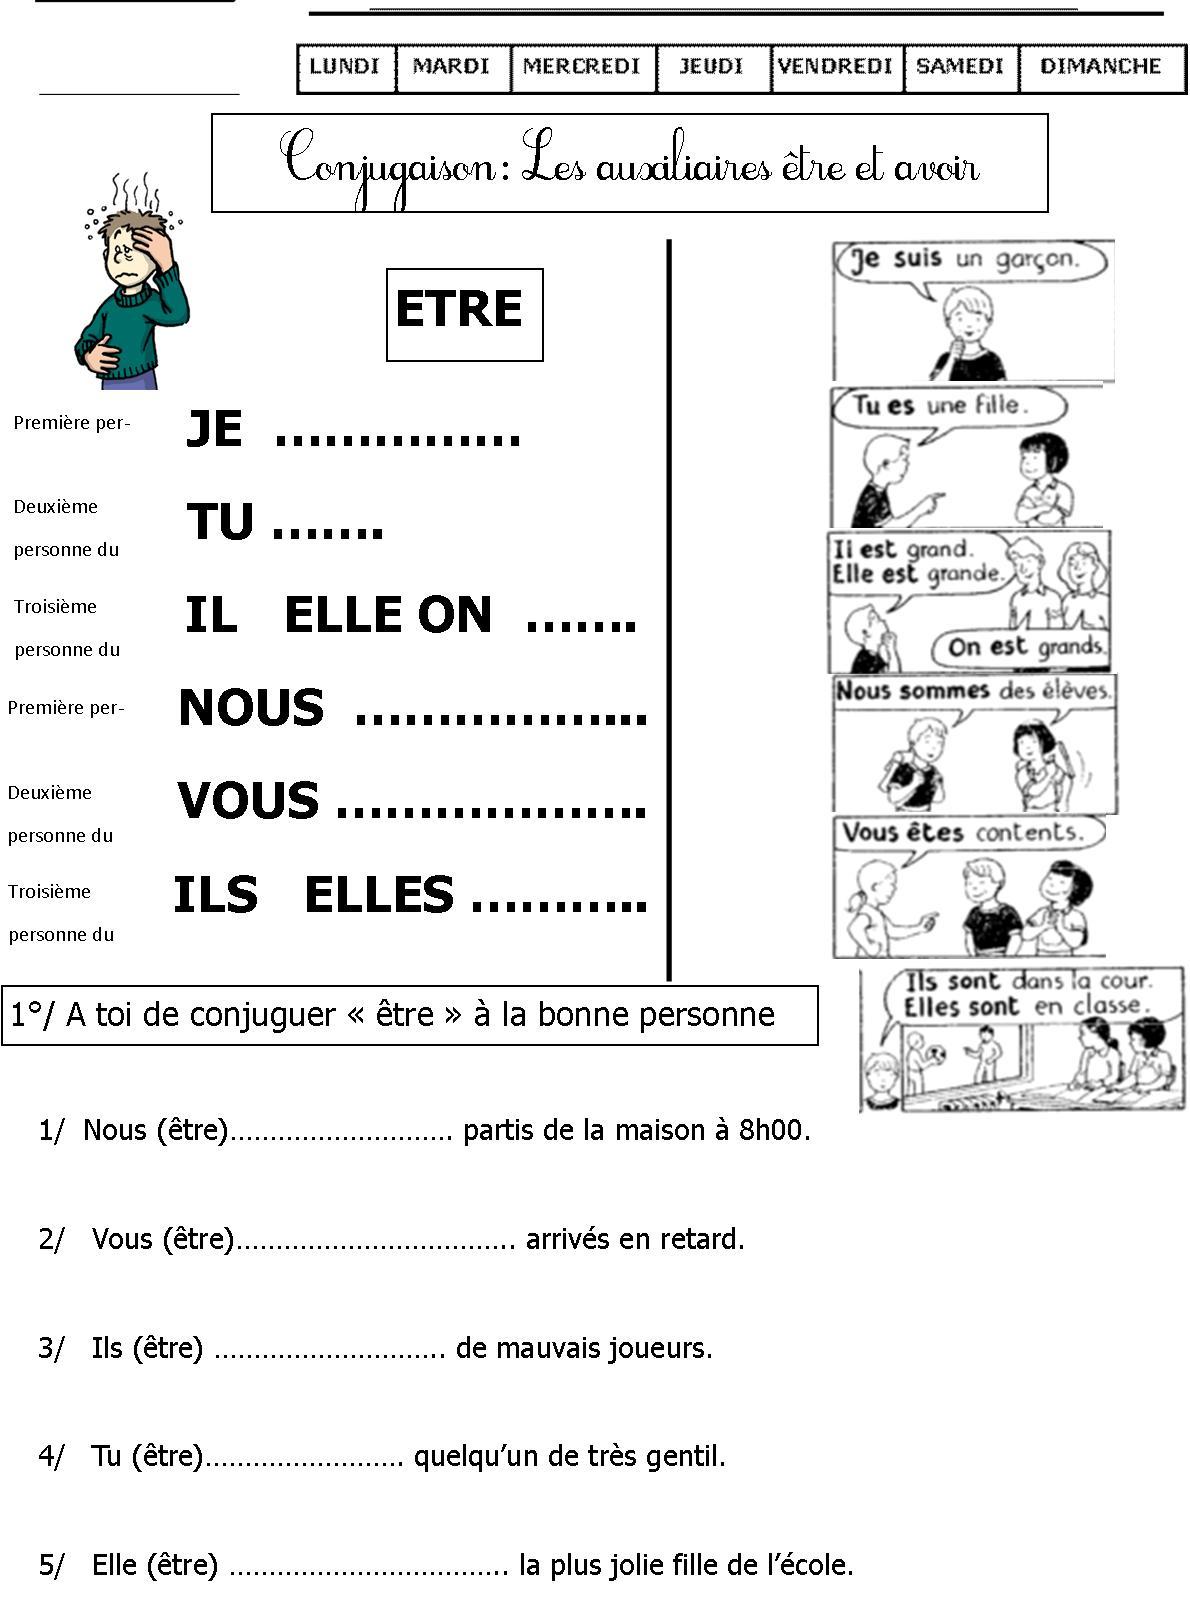 Exercices De Conjugaison Ce1 | Le Blog De Monsieur Mathieu encequiconcerne Fiche A Imprimer Ce1